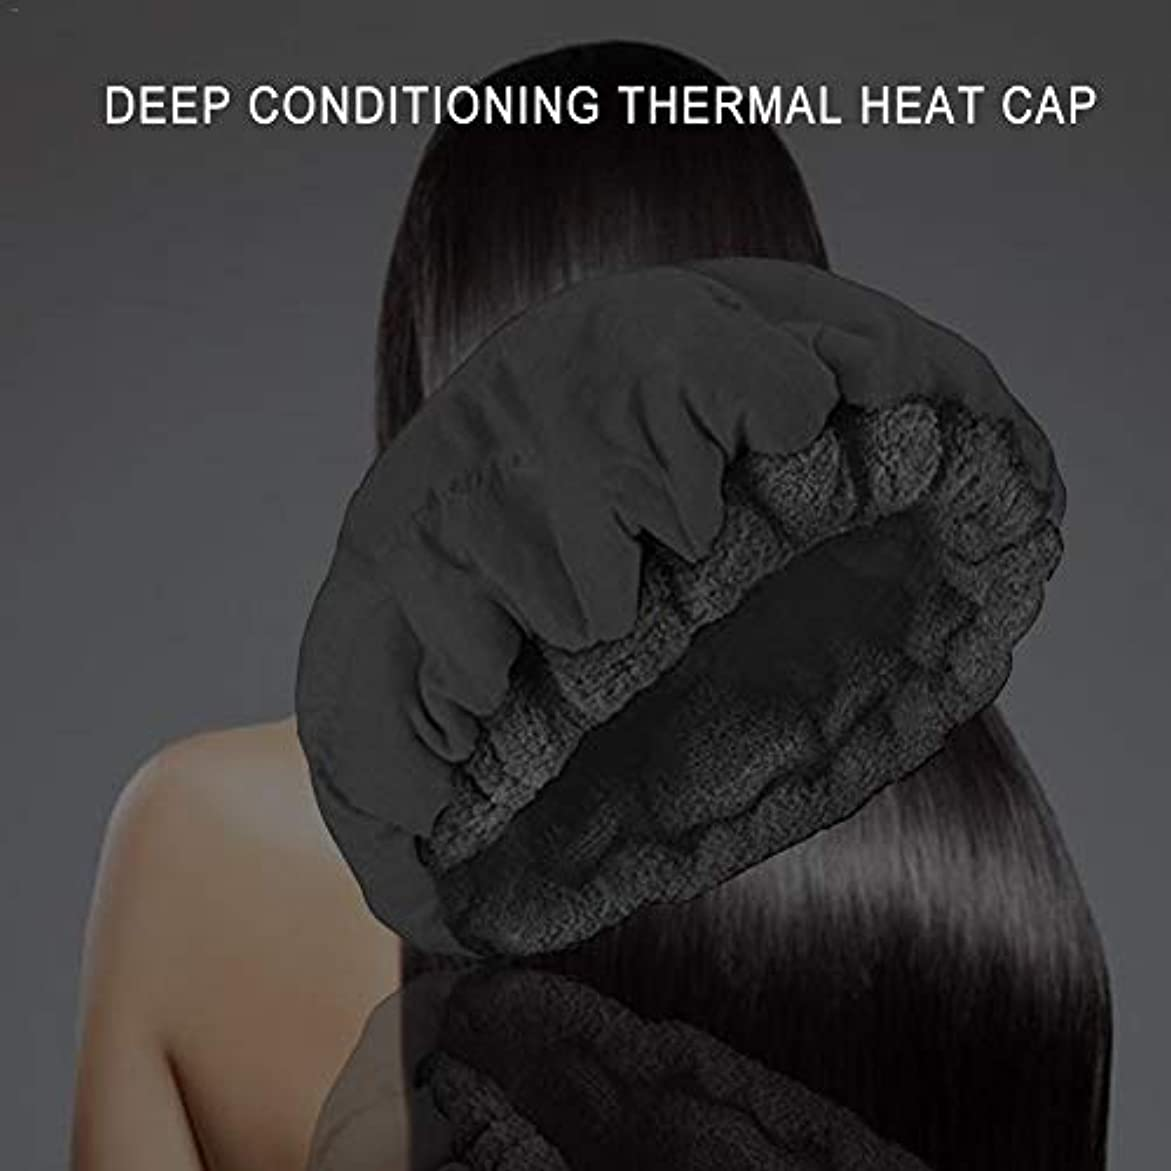 有益熱帯のスパンディープコンディショニングヒートキャップ、スチーム用コードレス電子レンジ対応ヒートキャップ、髪の熱療法、マイクロファイバーコットン、リバーシブル、亜麻仁インテリア